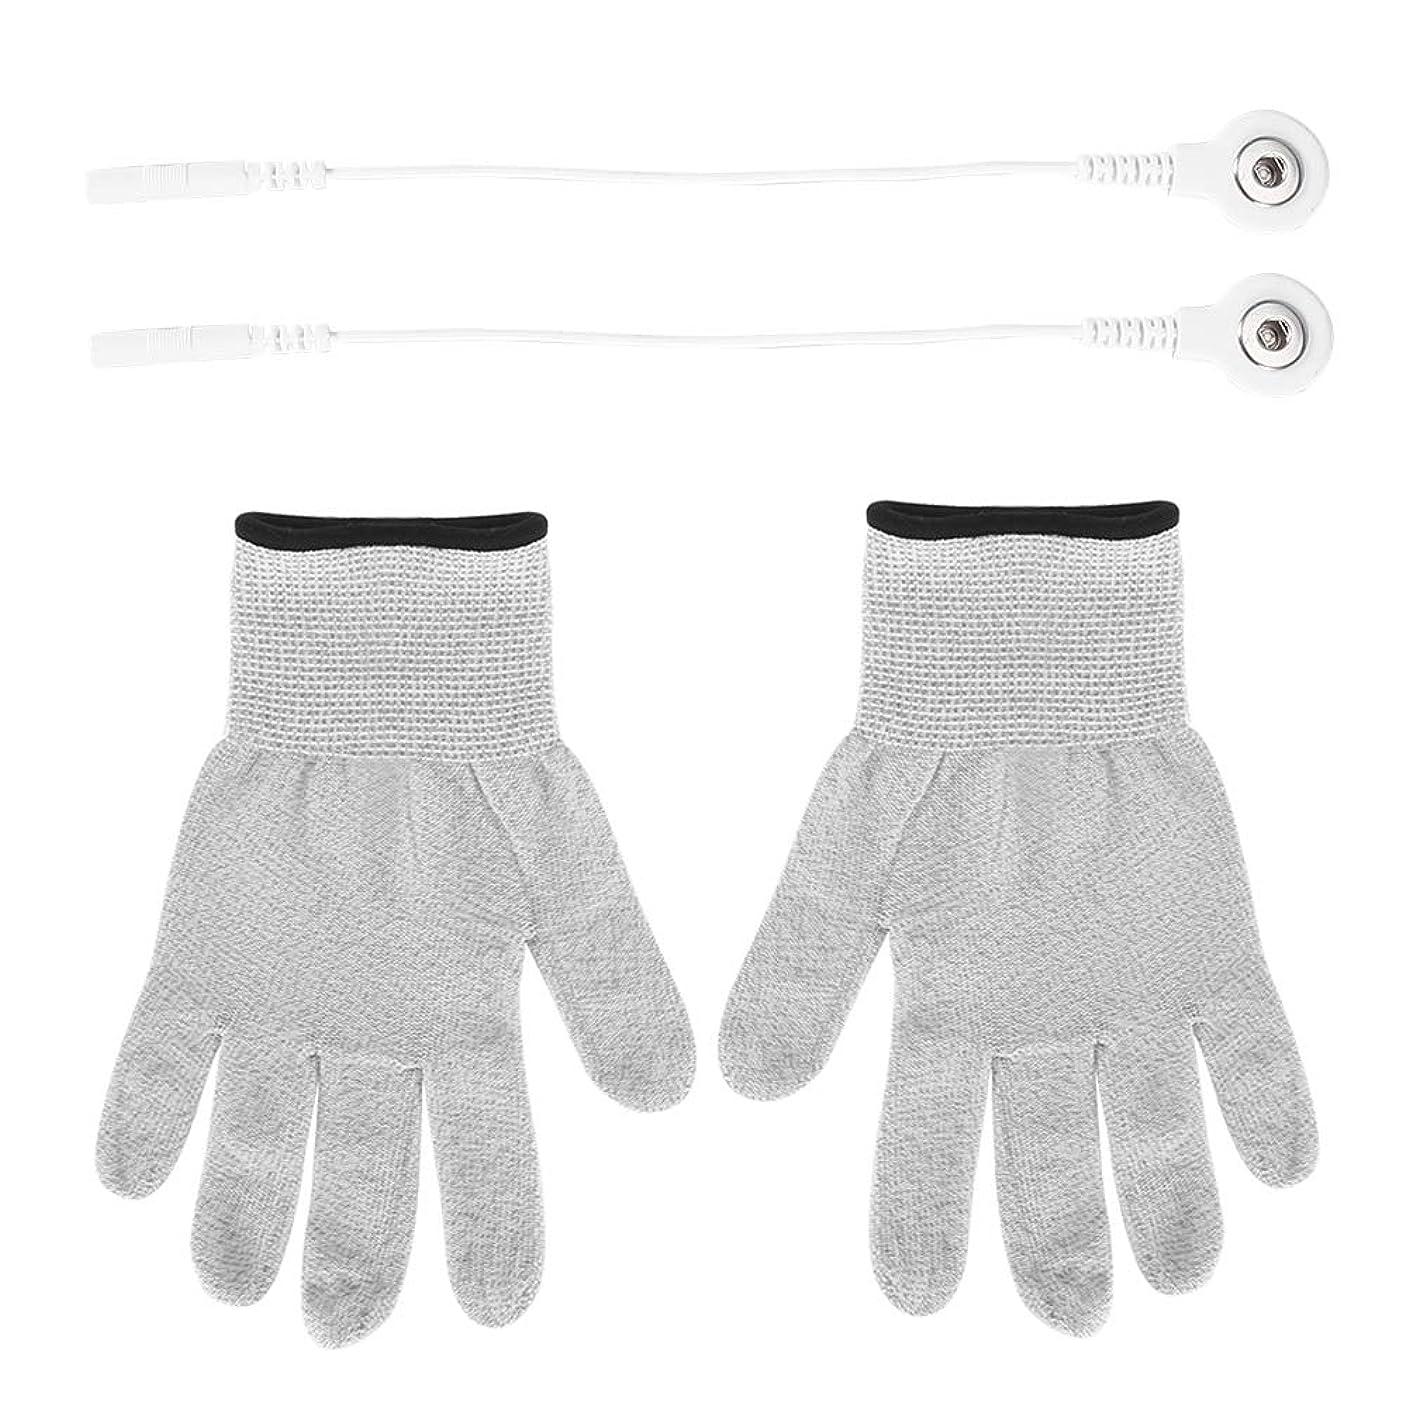 思春期のぬいぐるみ機動電極手袋、1対の導電性繊維電極手袋、アダプター電極付き電気ショックファイバー用リード線